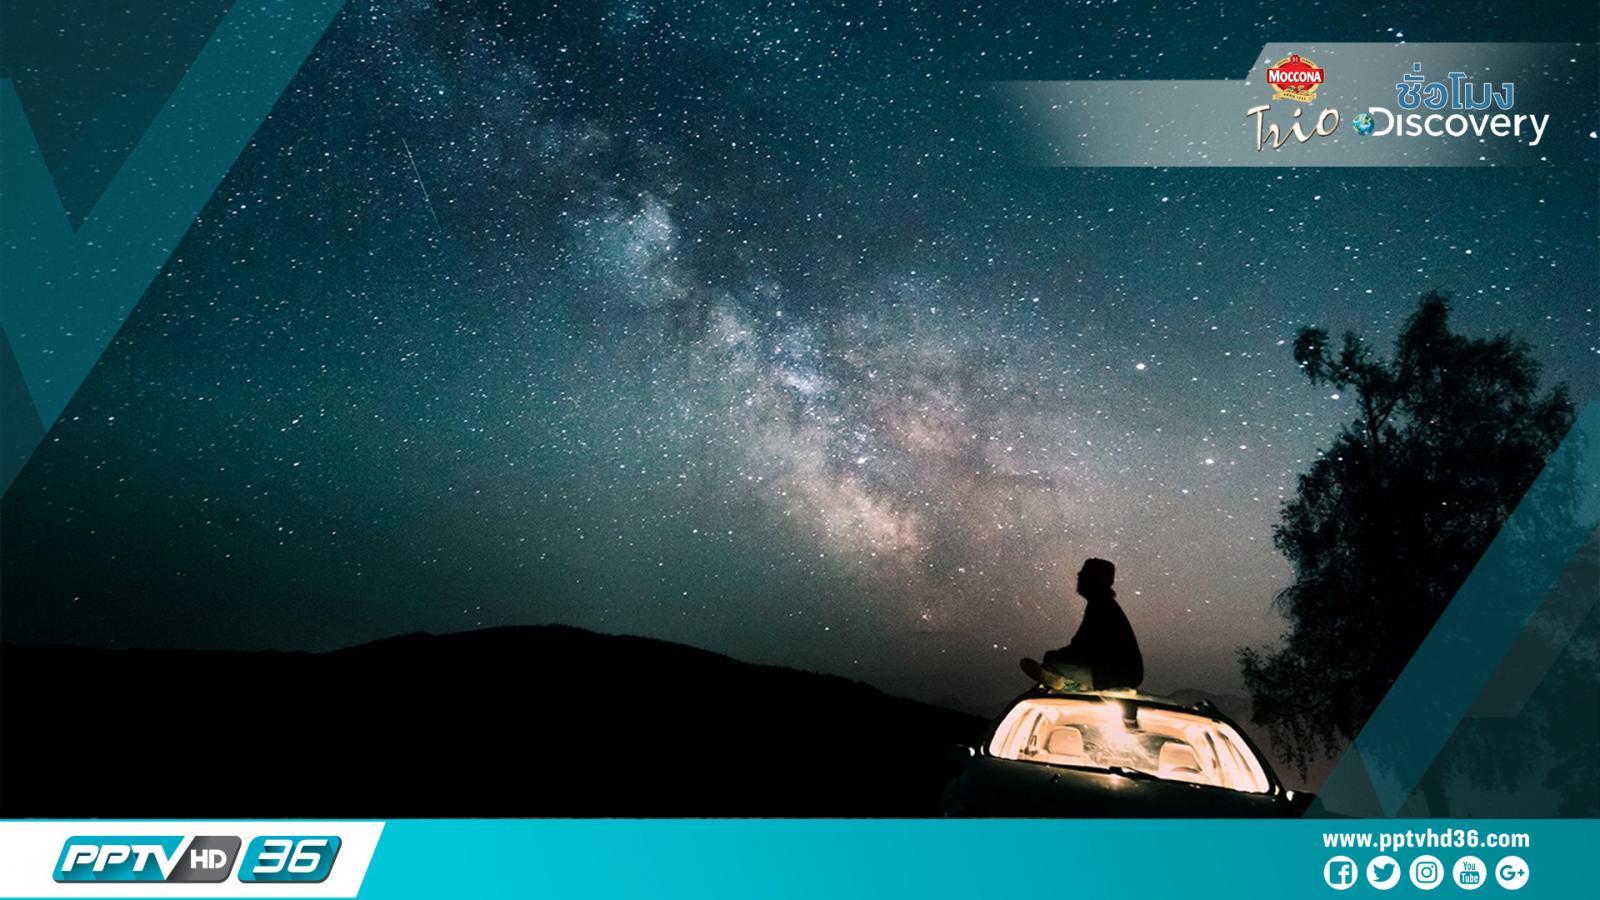 เราอาศัยอยู่ใน พหุจักรวาล หรือไม่?